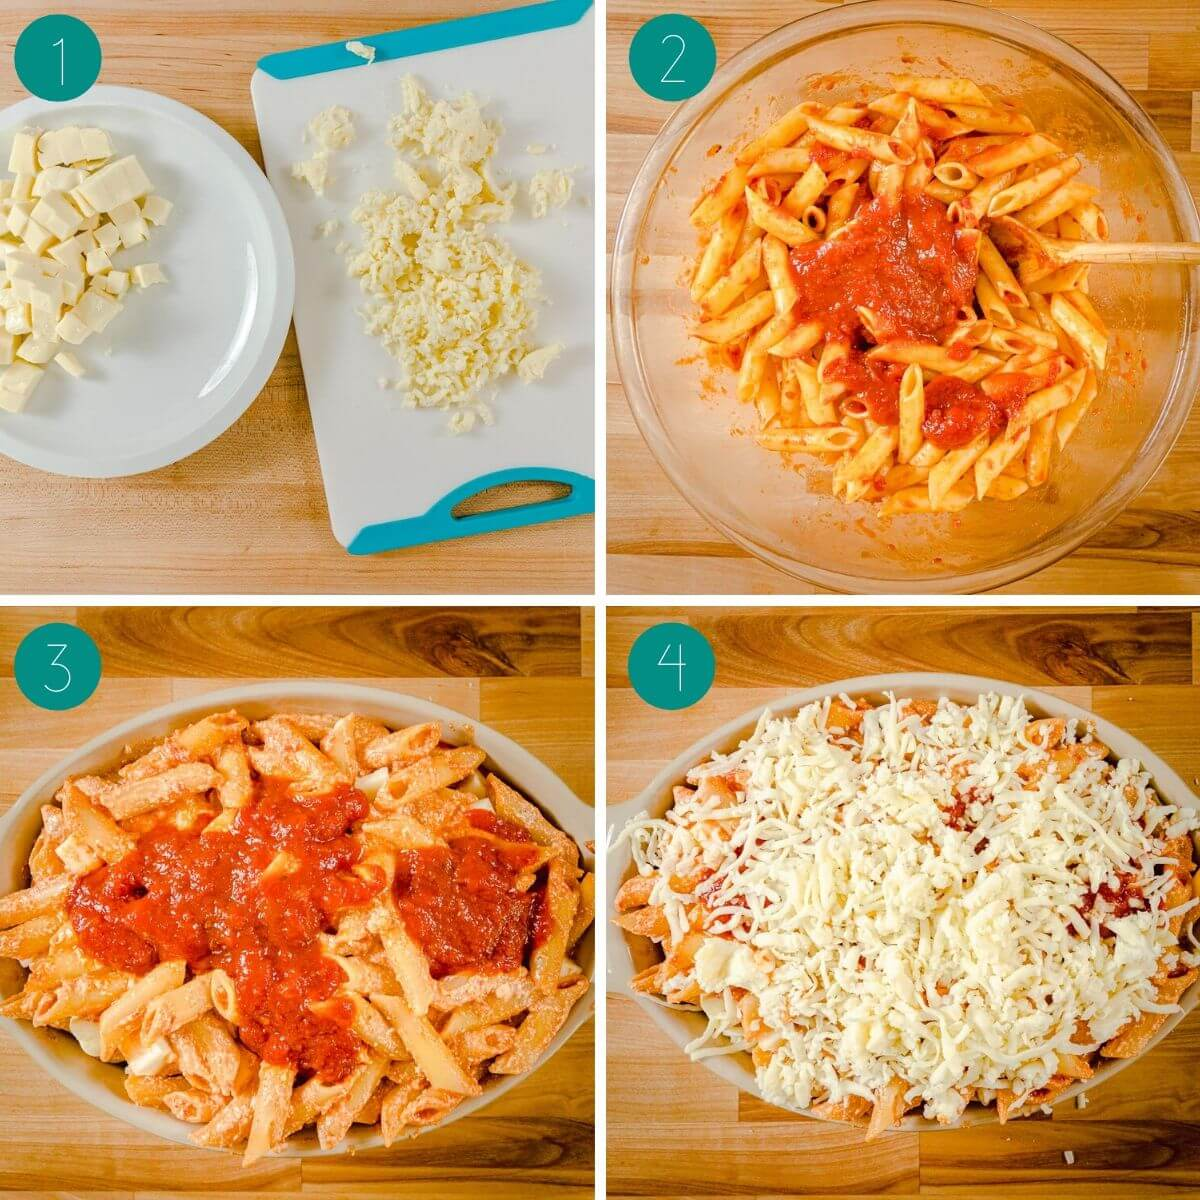 Baked ziti recipe process shot collage.